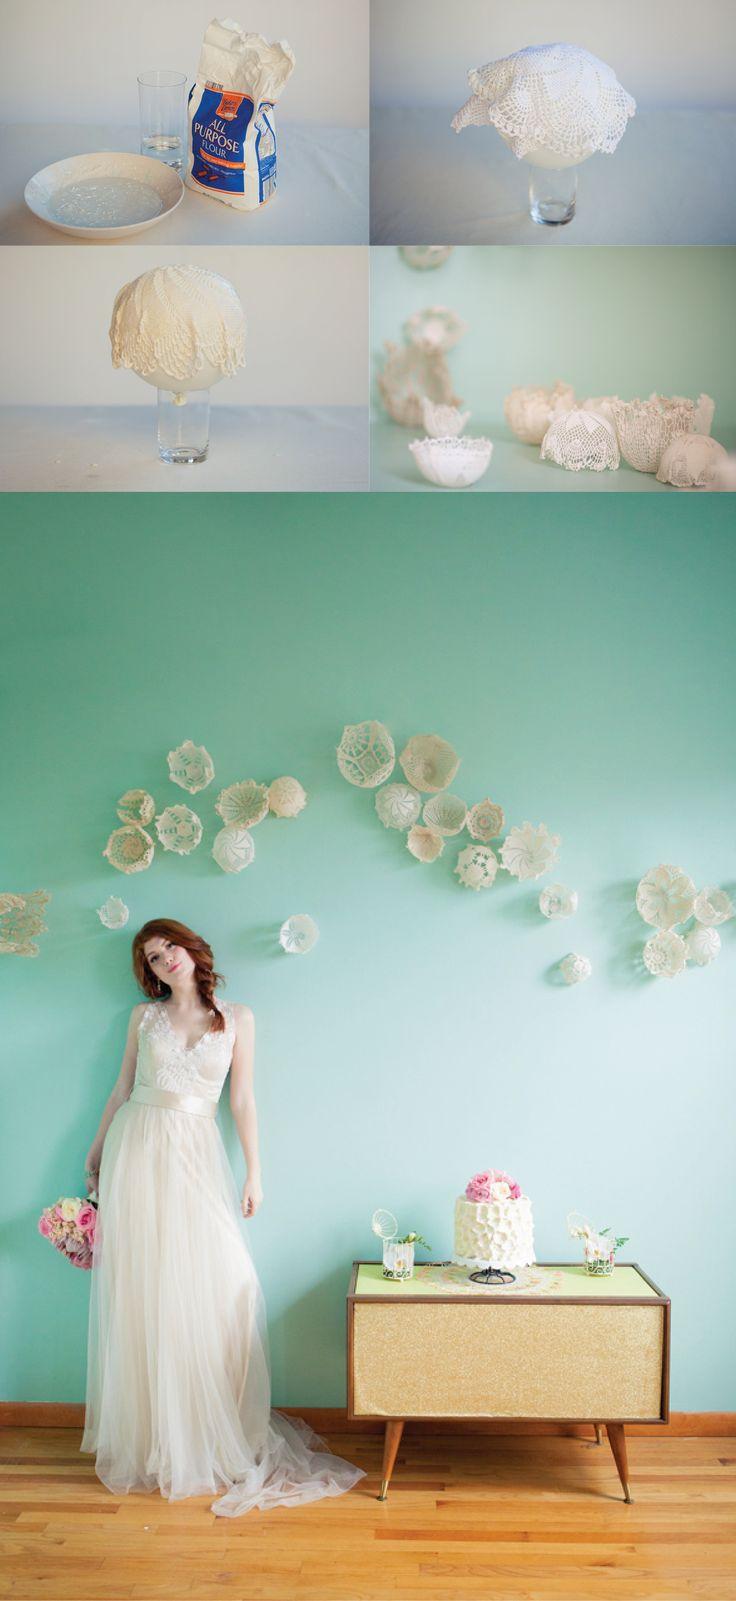 Lace details for you wedding /// Pormenores em renda para o seu casamento - Courtesy of Ruffled